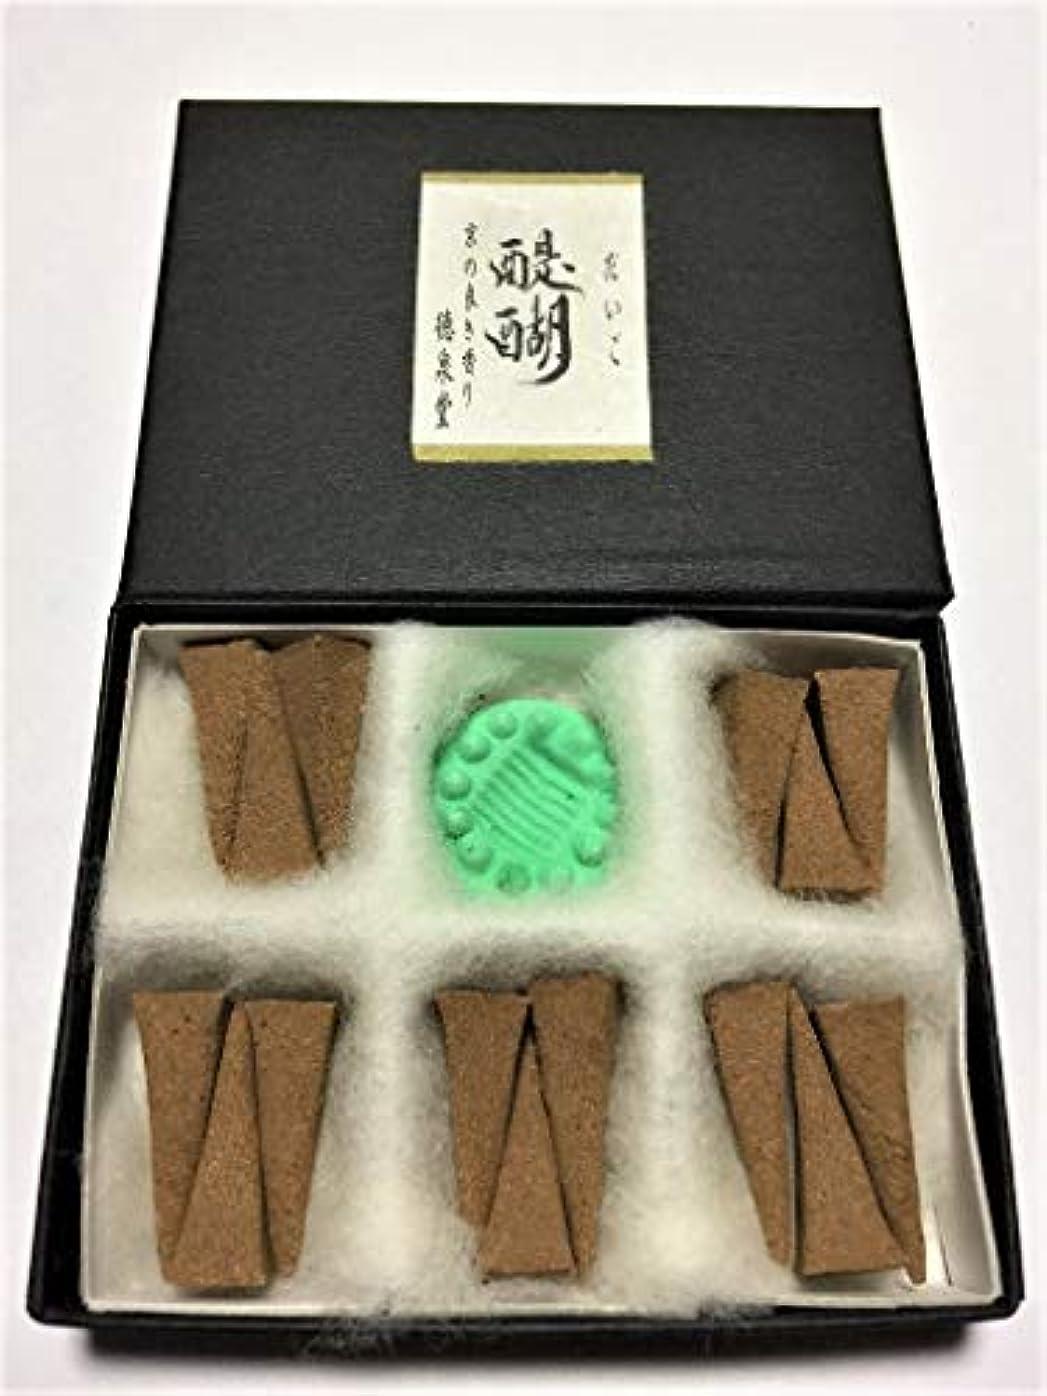 最愛の苦いきらめく醍醐(だいご)15ケ入り 天然材料のみで作ったお香 化学物質、無添加のお香